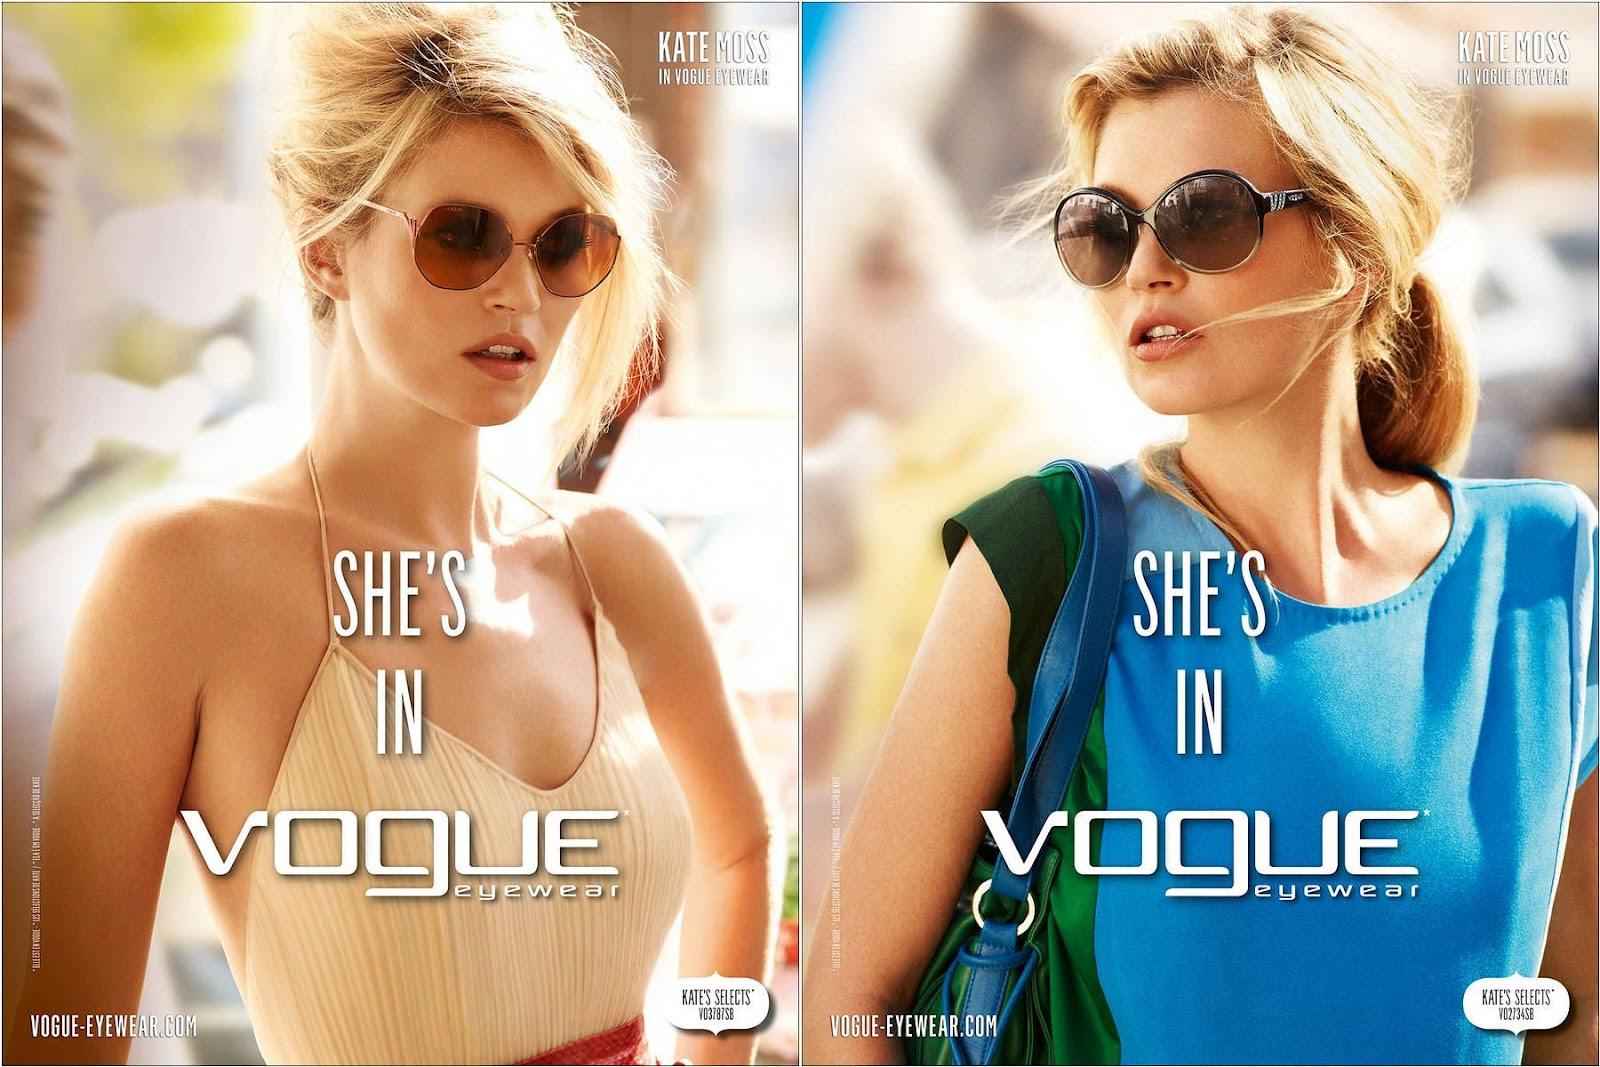 http://3.bp.blogspot.com/-794VjrWO4S4/UAsl-hEd70I/AAAAAAAAaZ0/yKaBixckFIQ/s1600/zackylicious-vogue-sunglasses-kate-moss-1.jpg